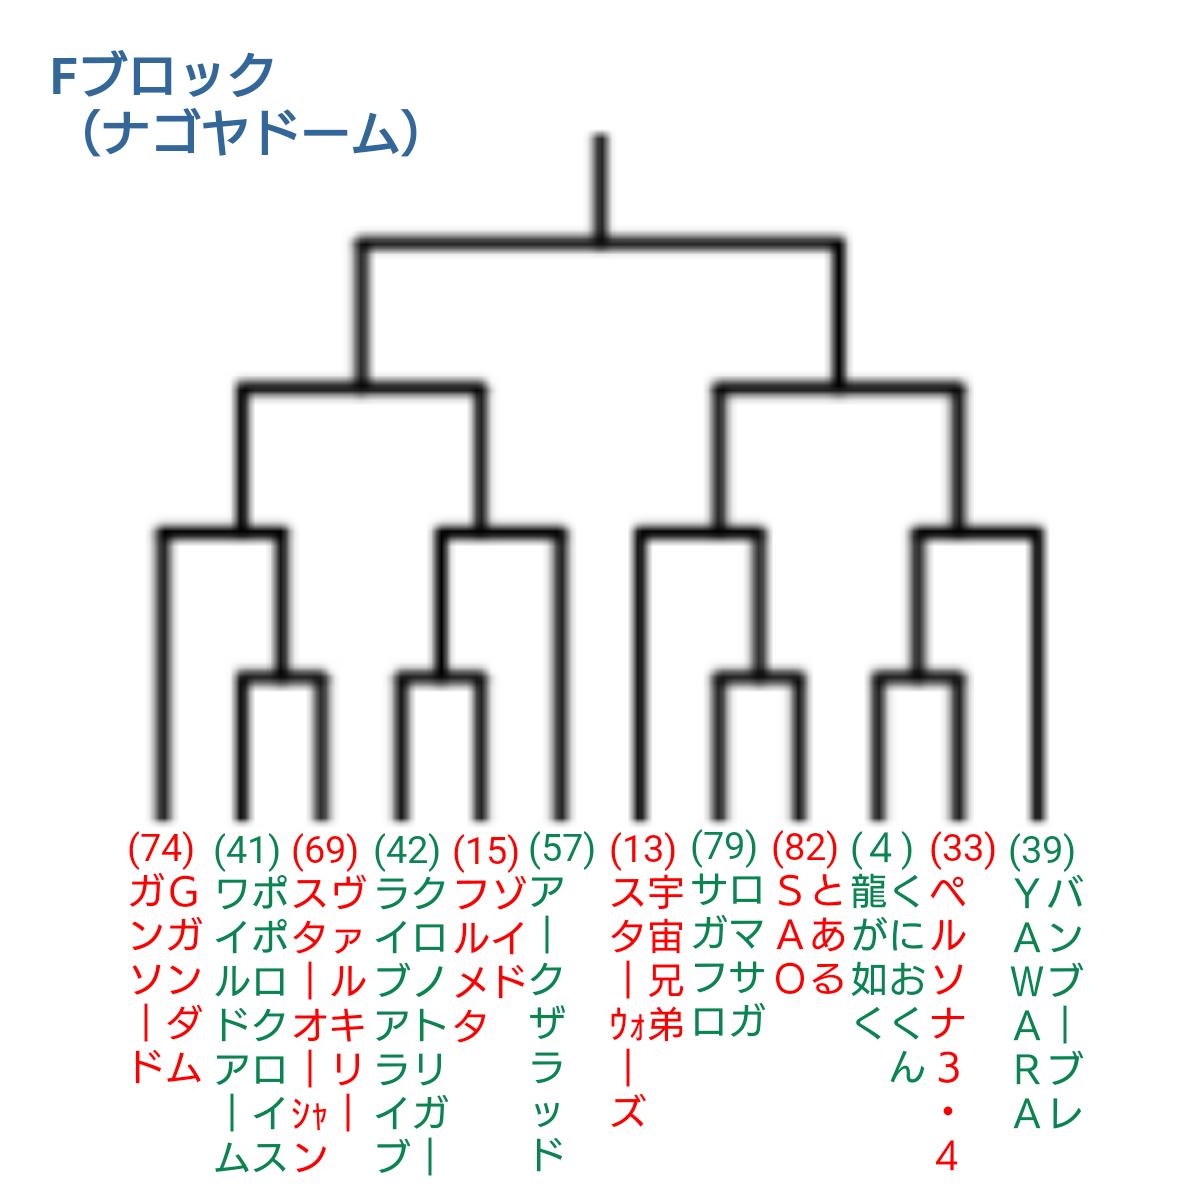 f:id:kinokomagic:20201230023341p:plain